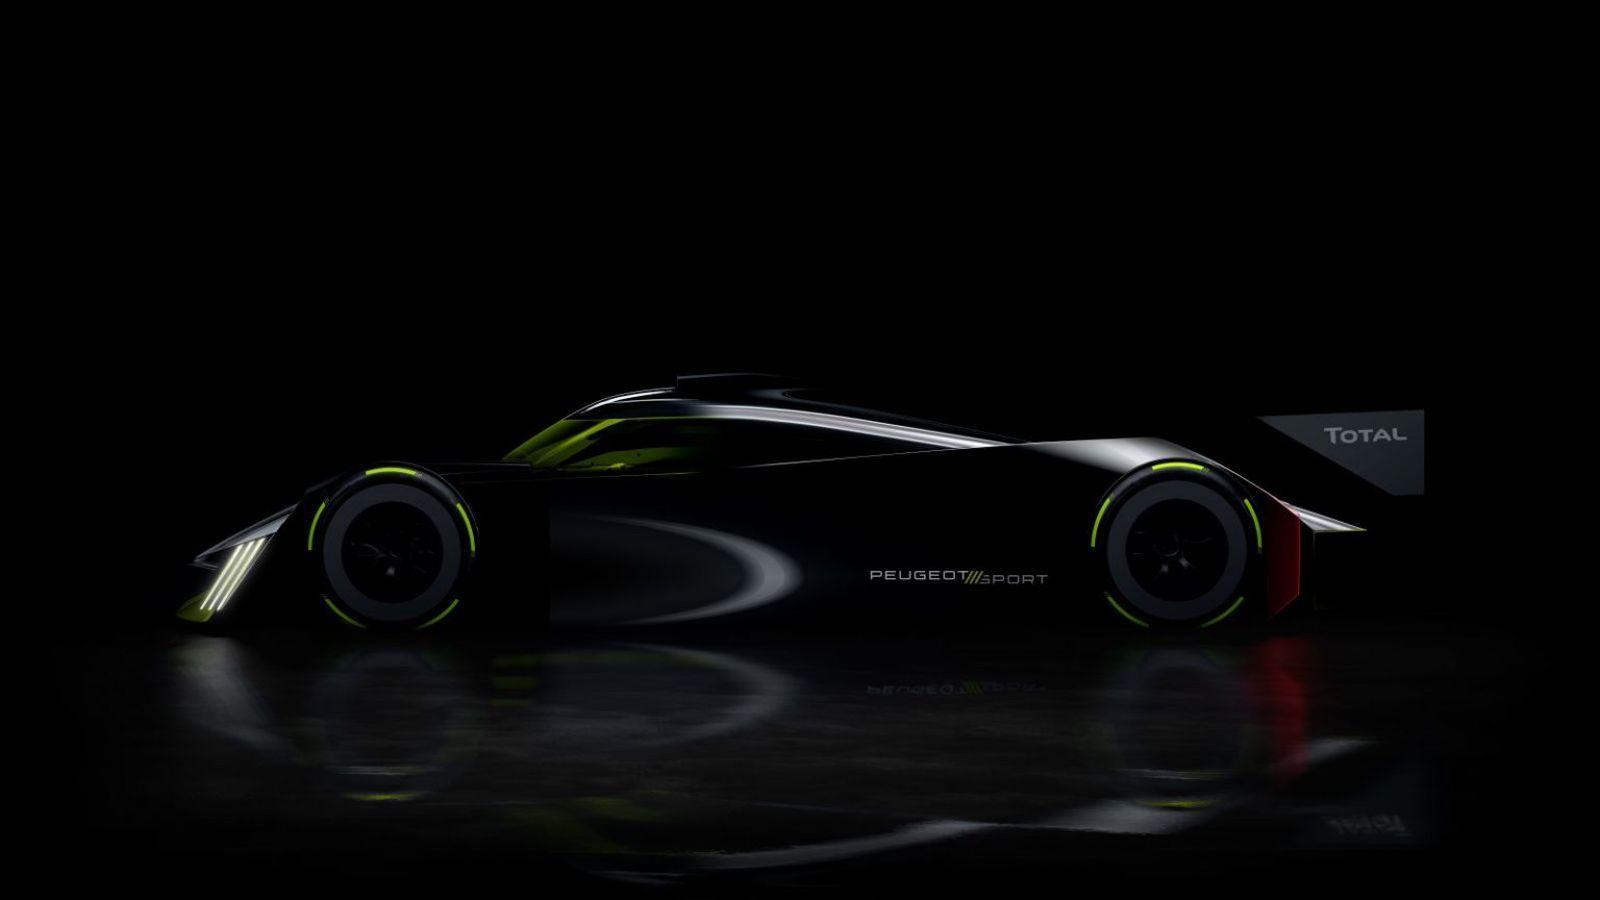 Peugeot Total Le Mans  sata